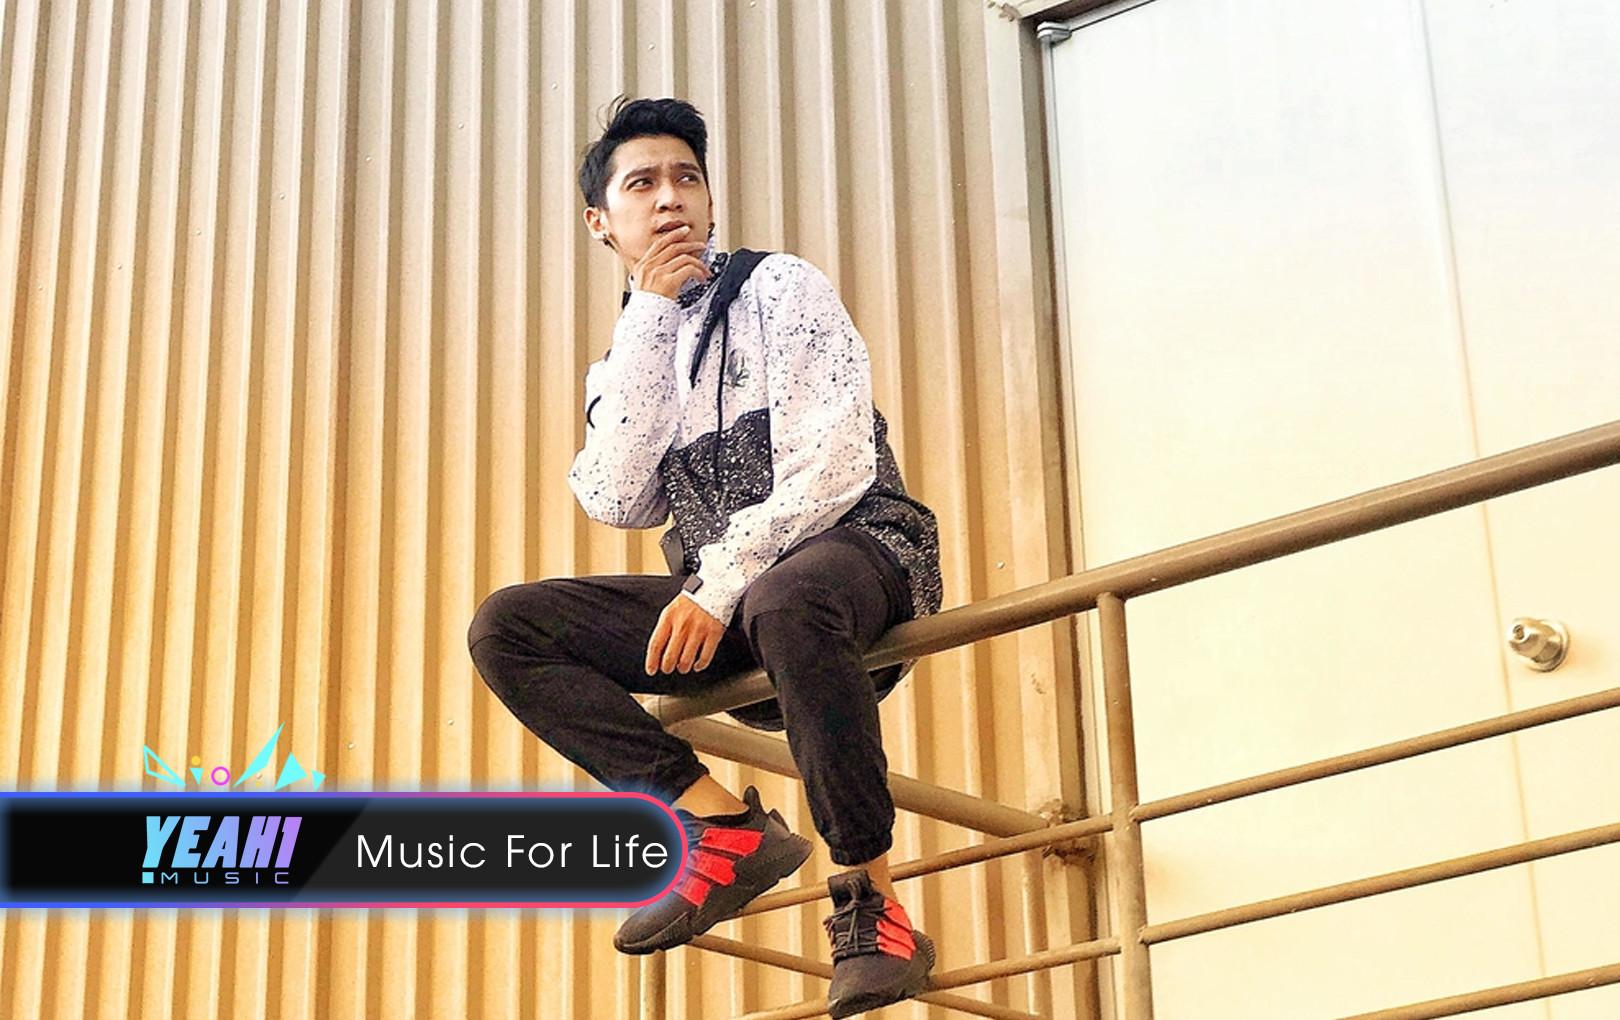 Tronie rục rịch trở lại Vpop bằng sản phẩm âm nhạc đi khắp Việt Nam